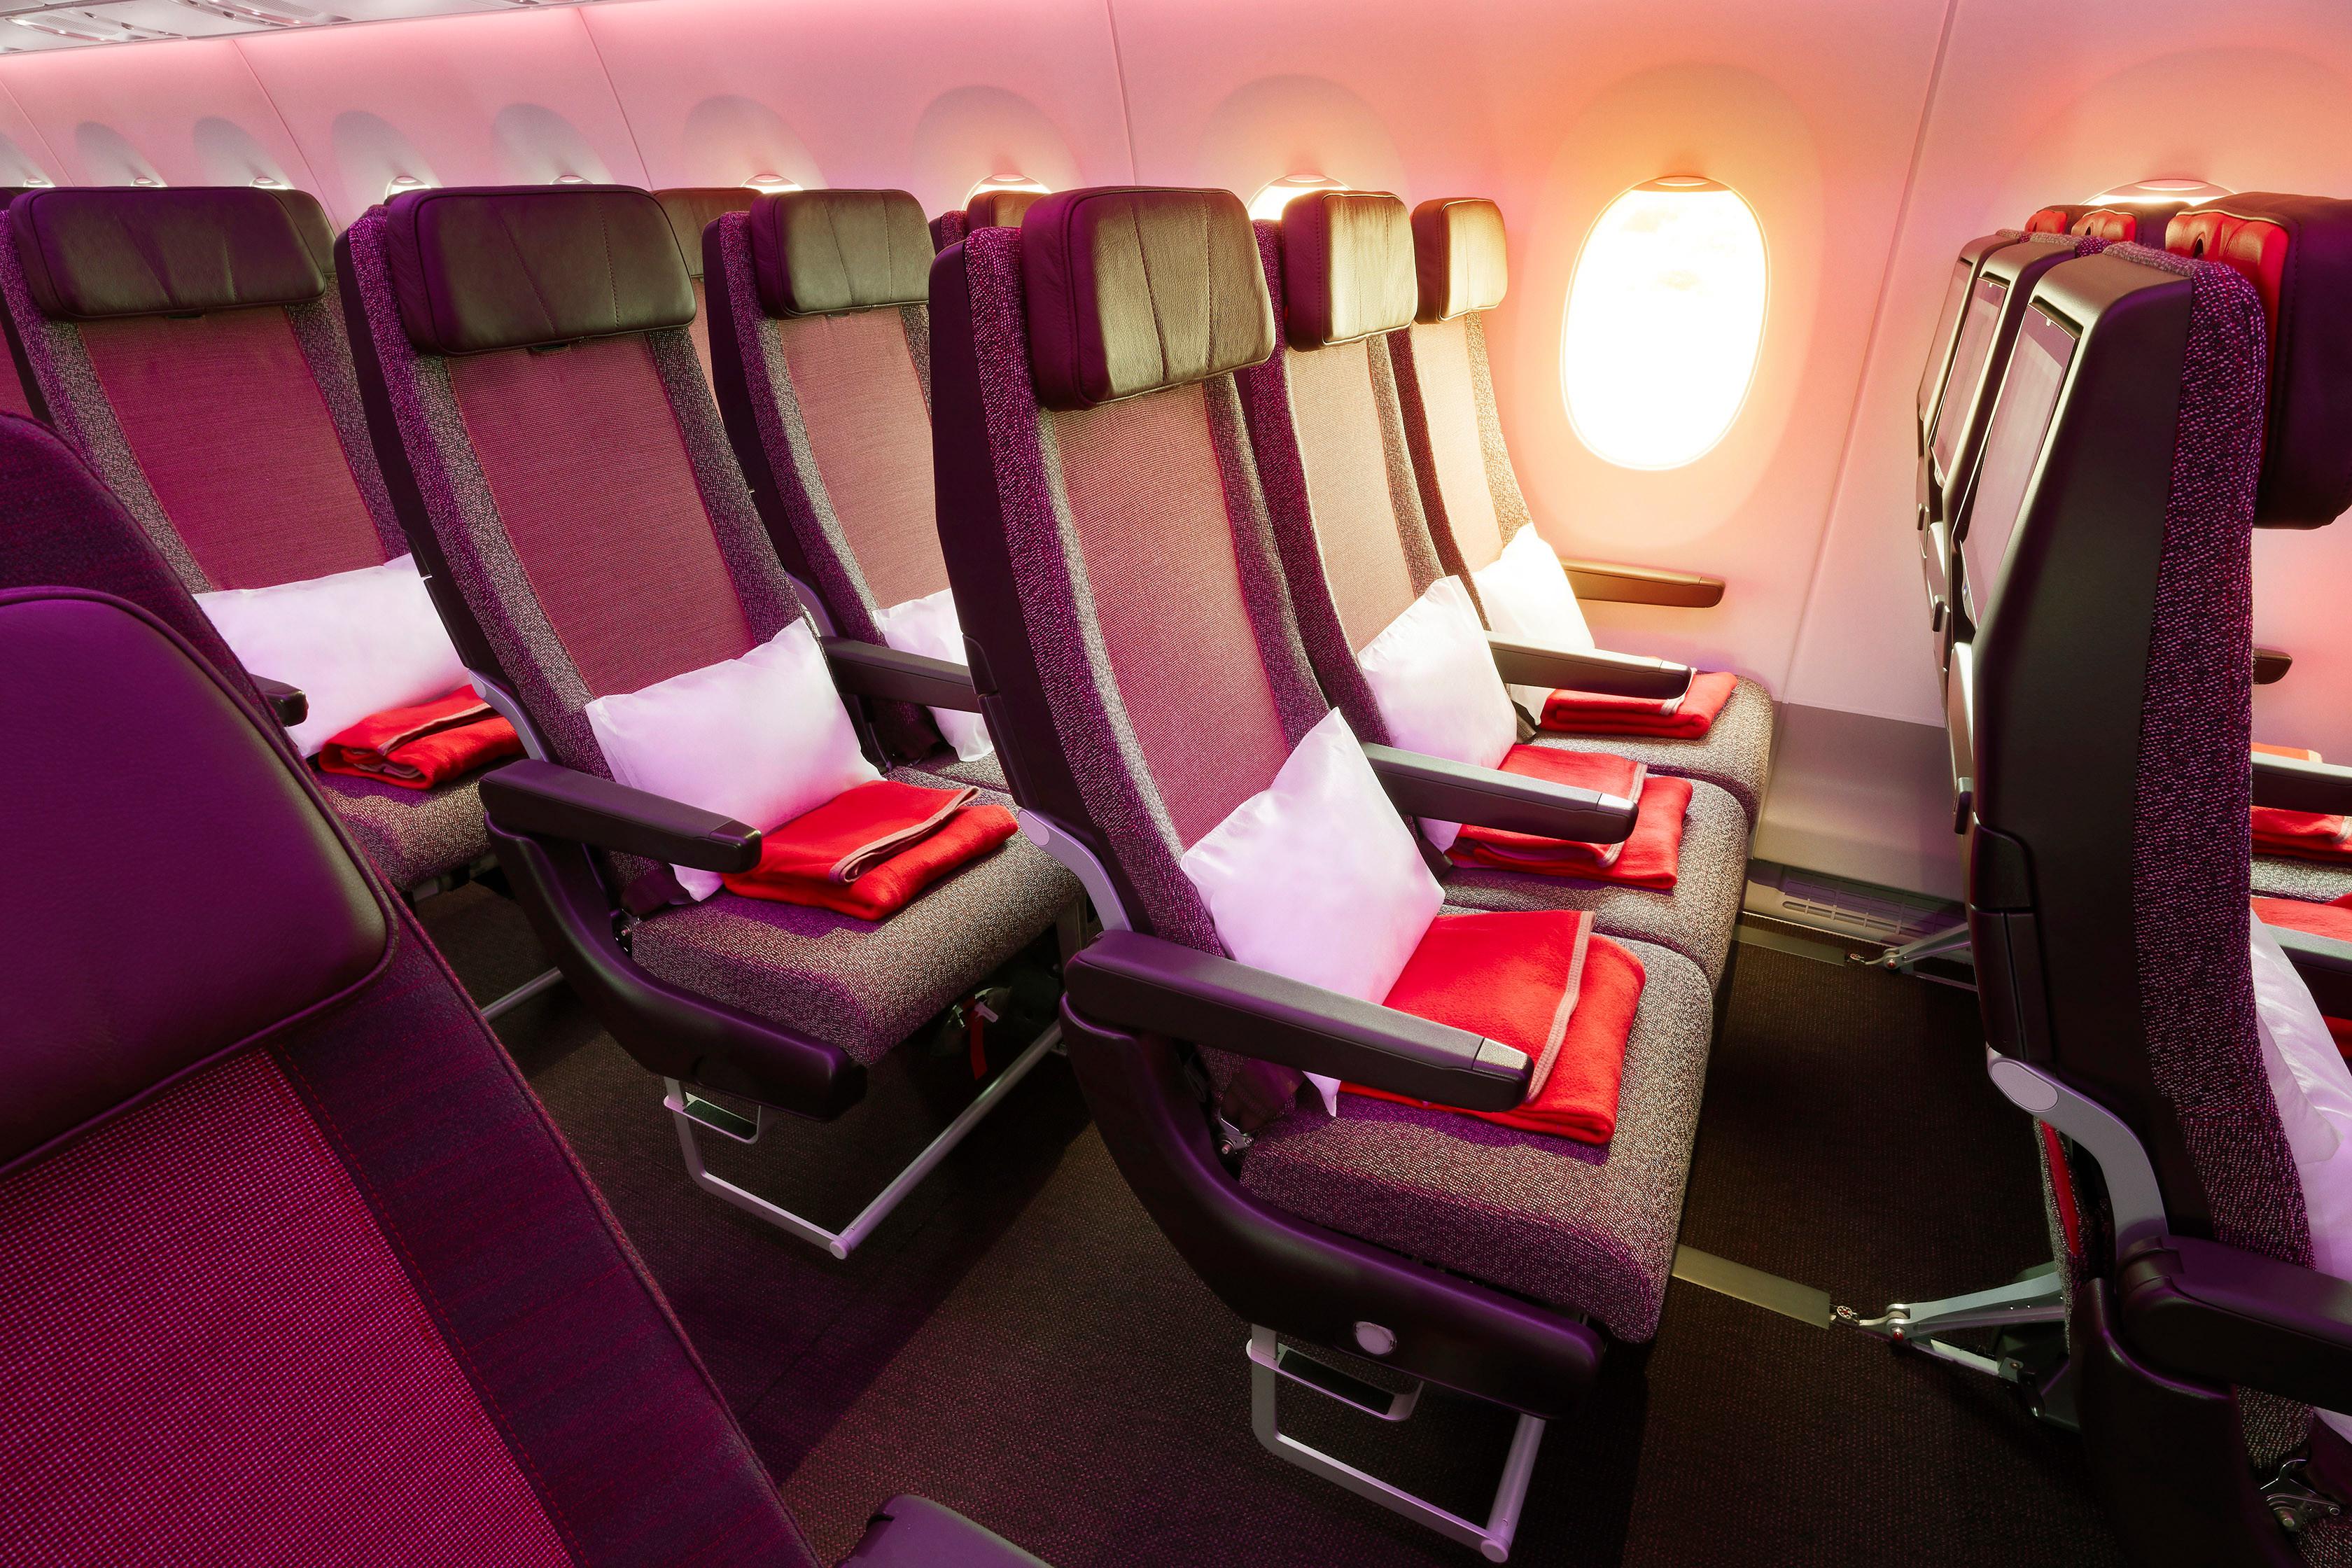 Virgin Atlantic A350-1000 Economy Cabin Interior